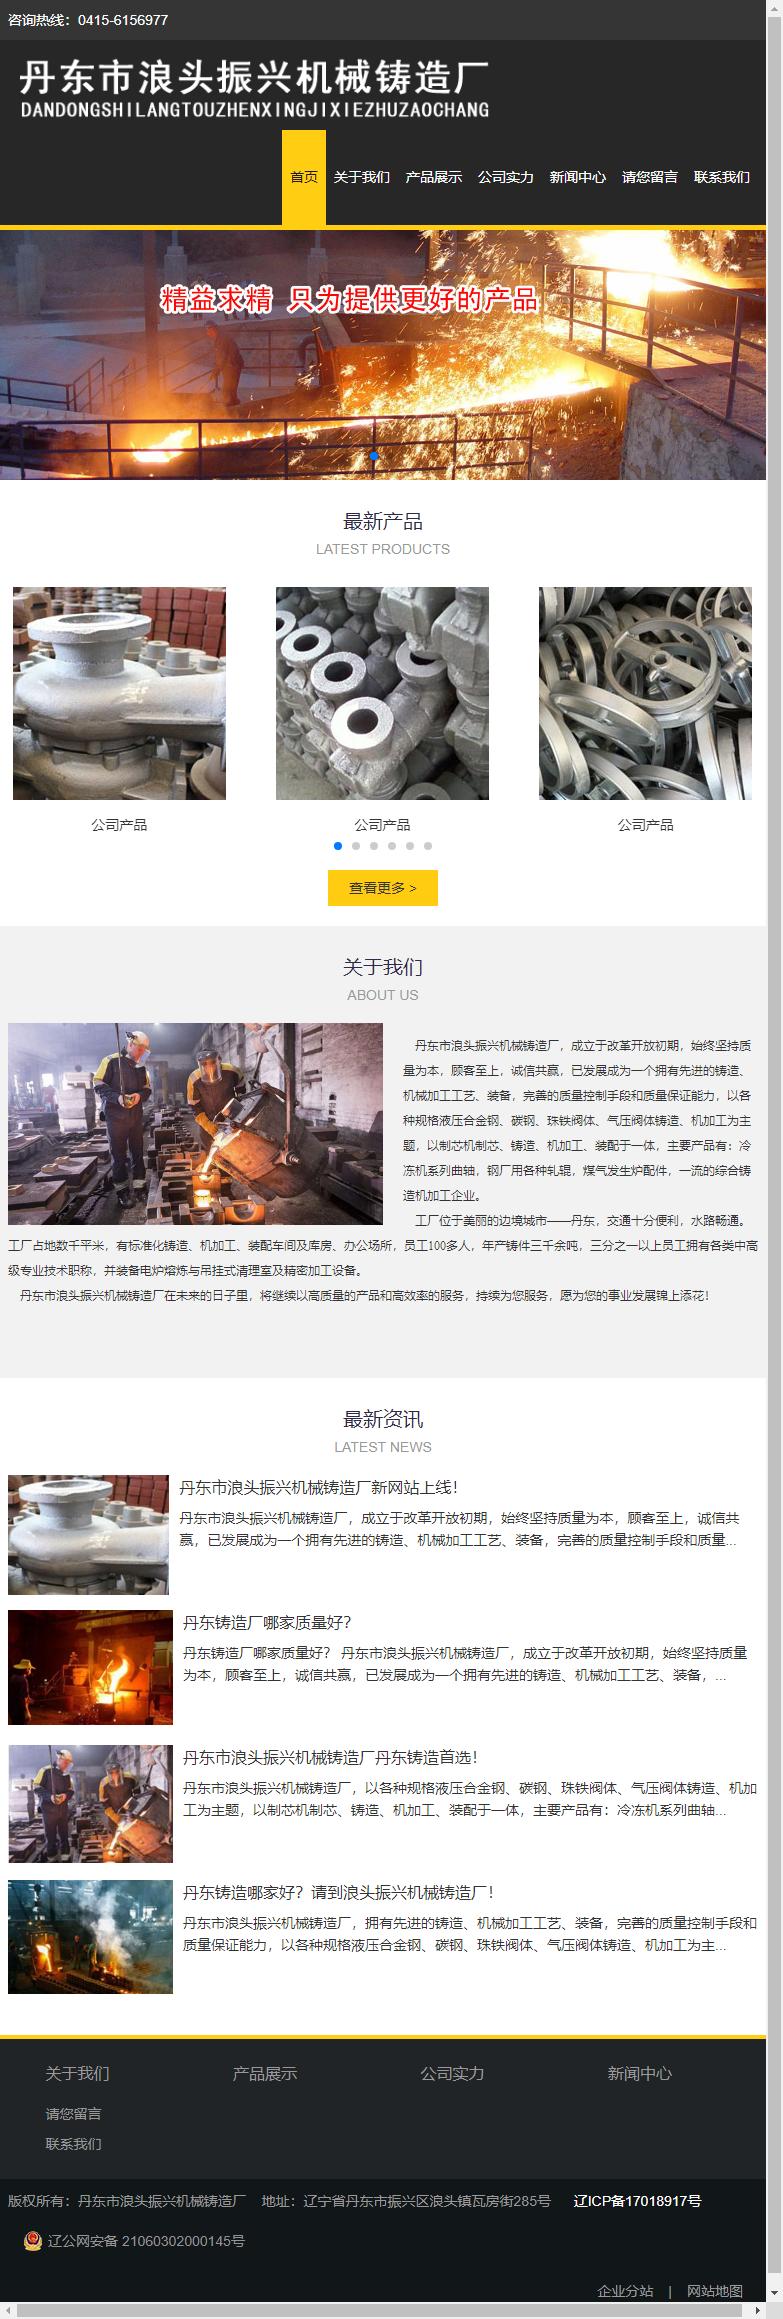 丹东市浪头振兴机械铸造厂网站案例